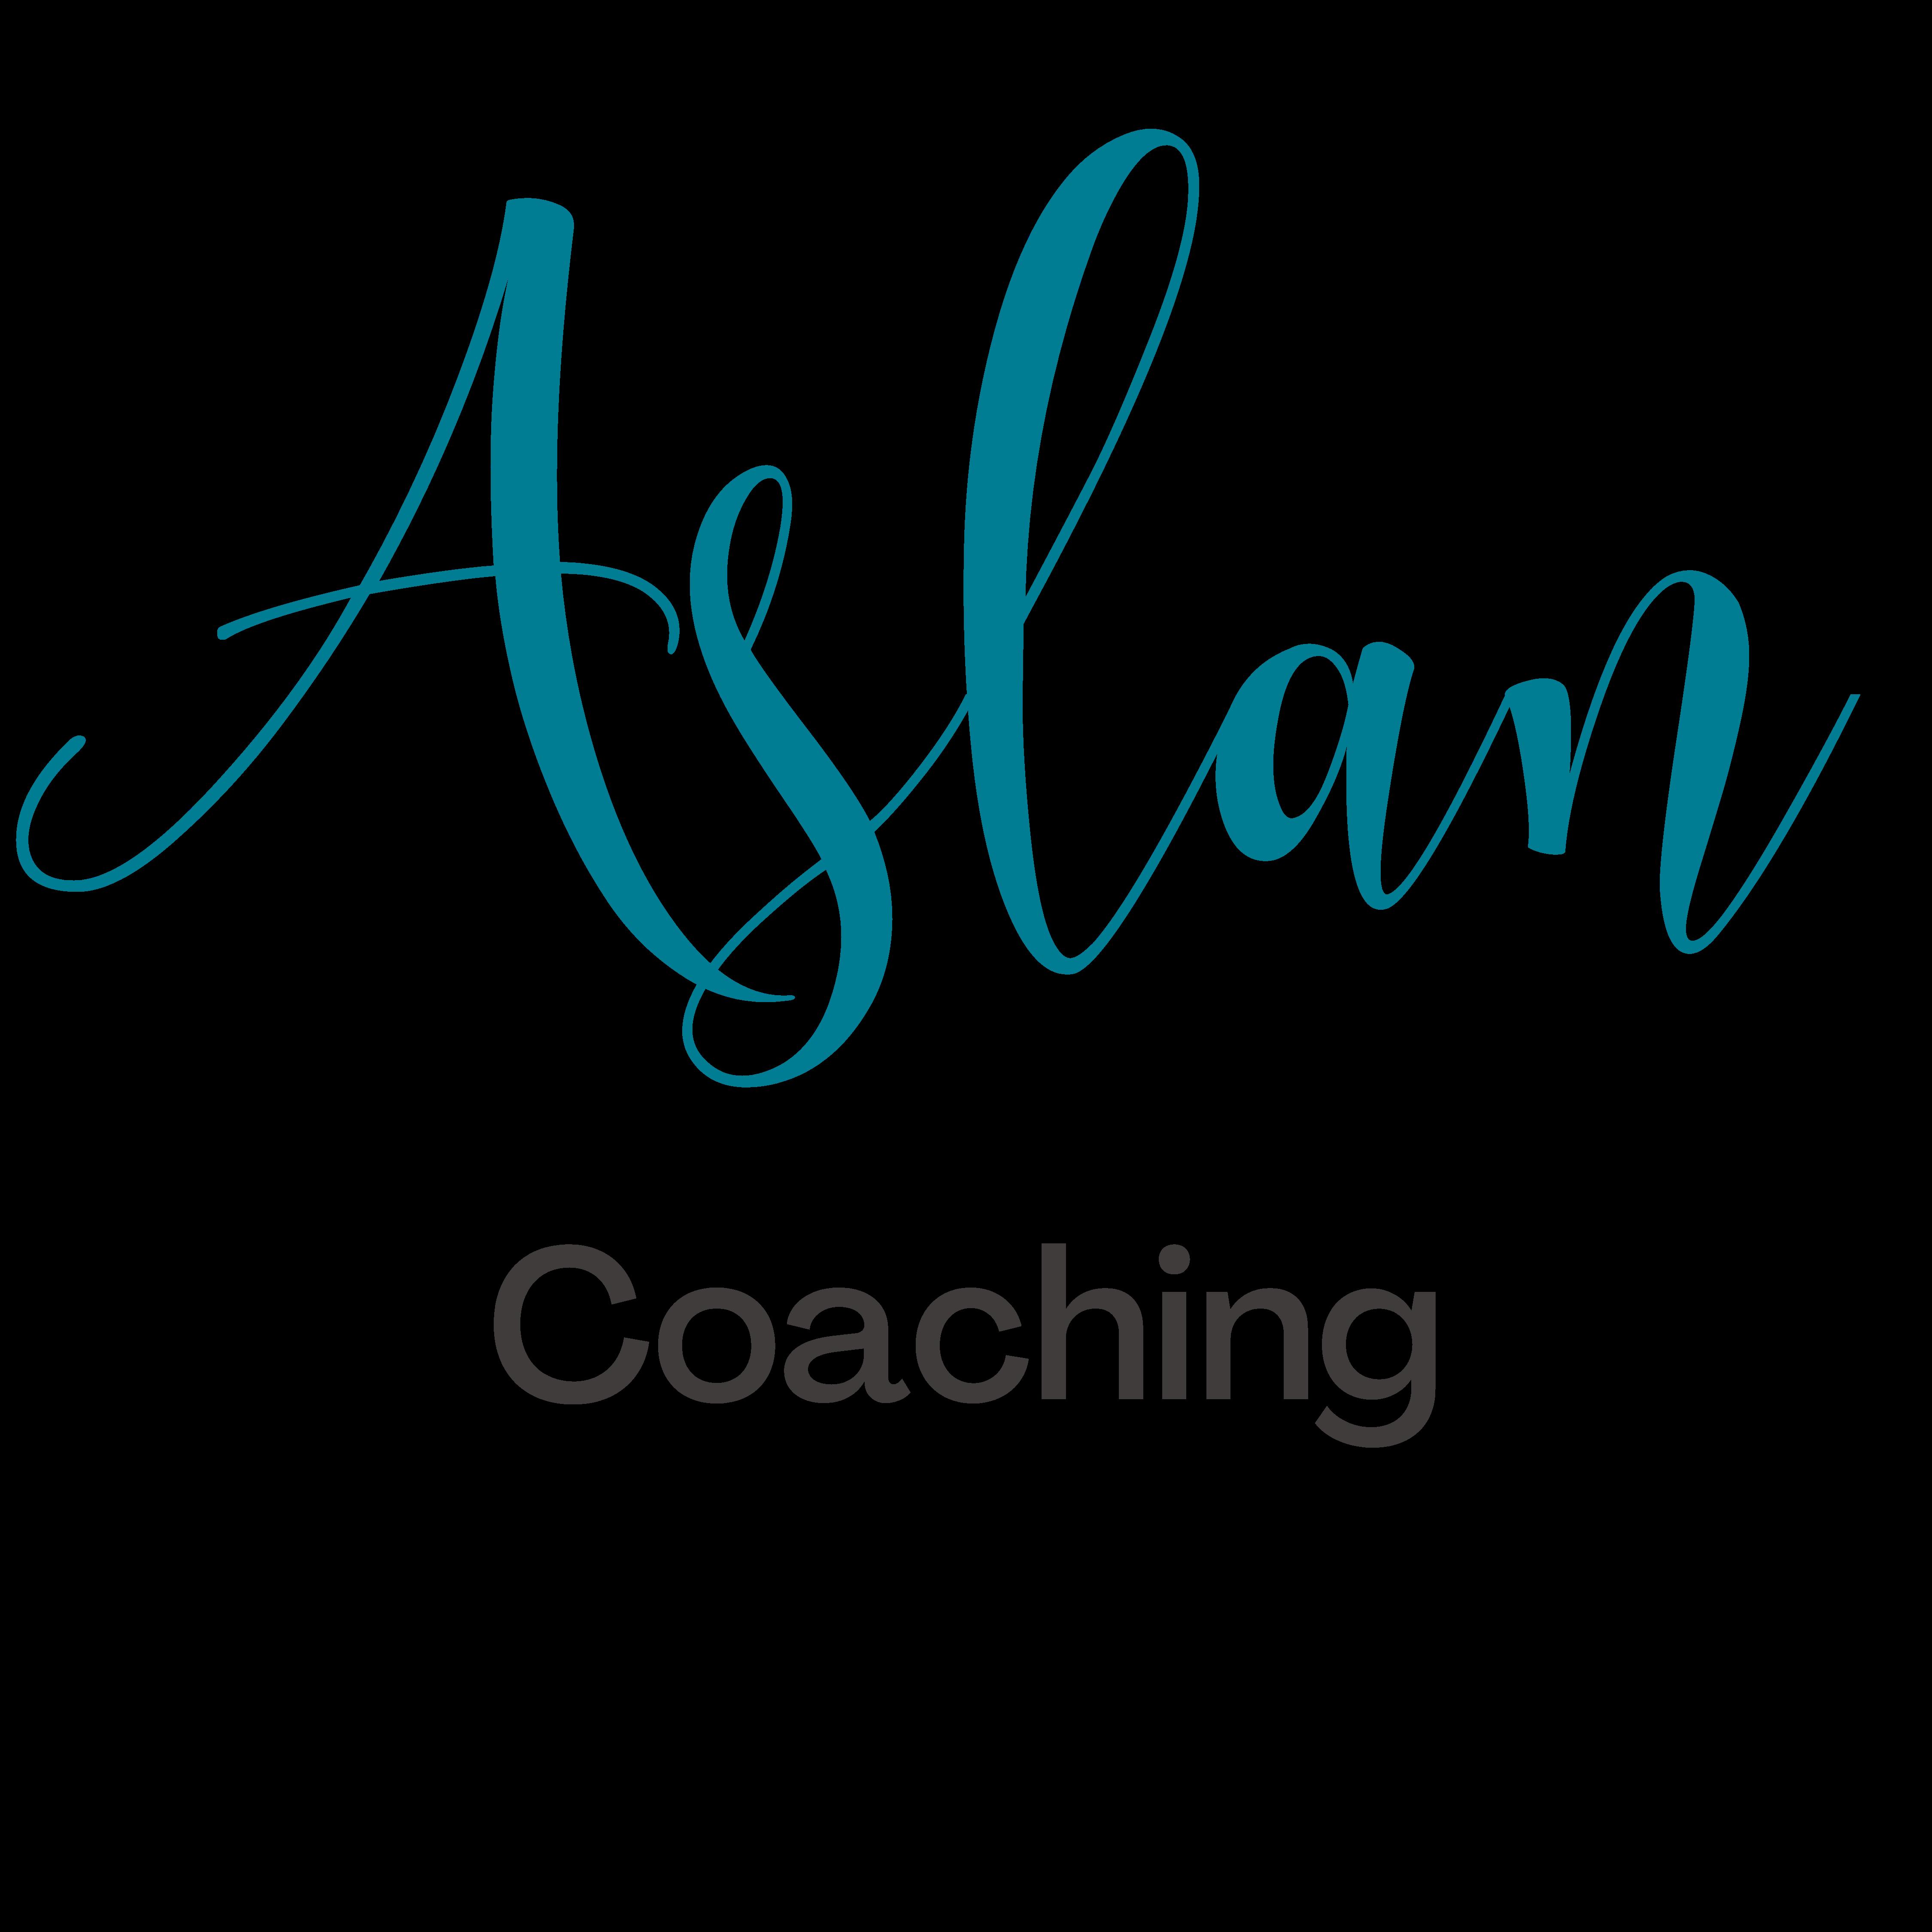 Aslan Coaching Logo